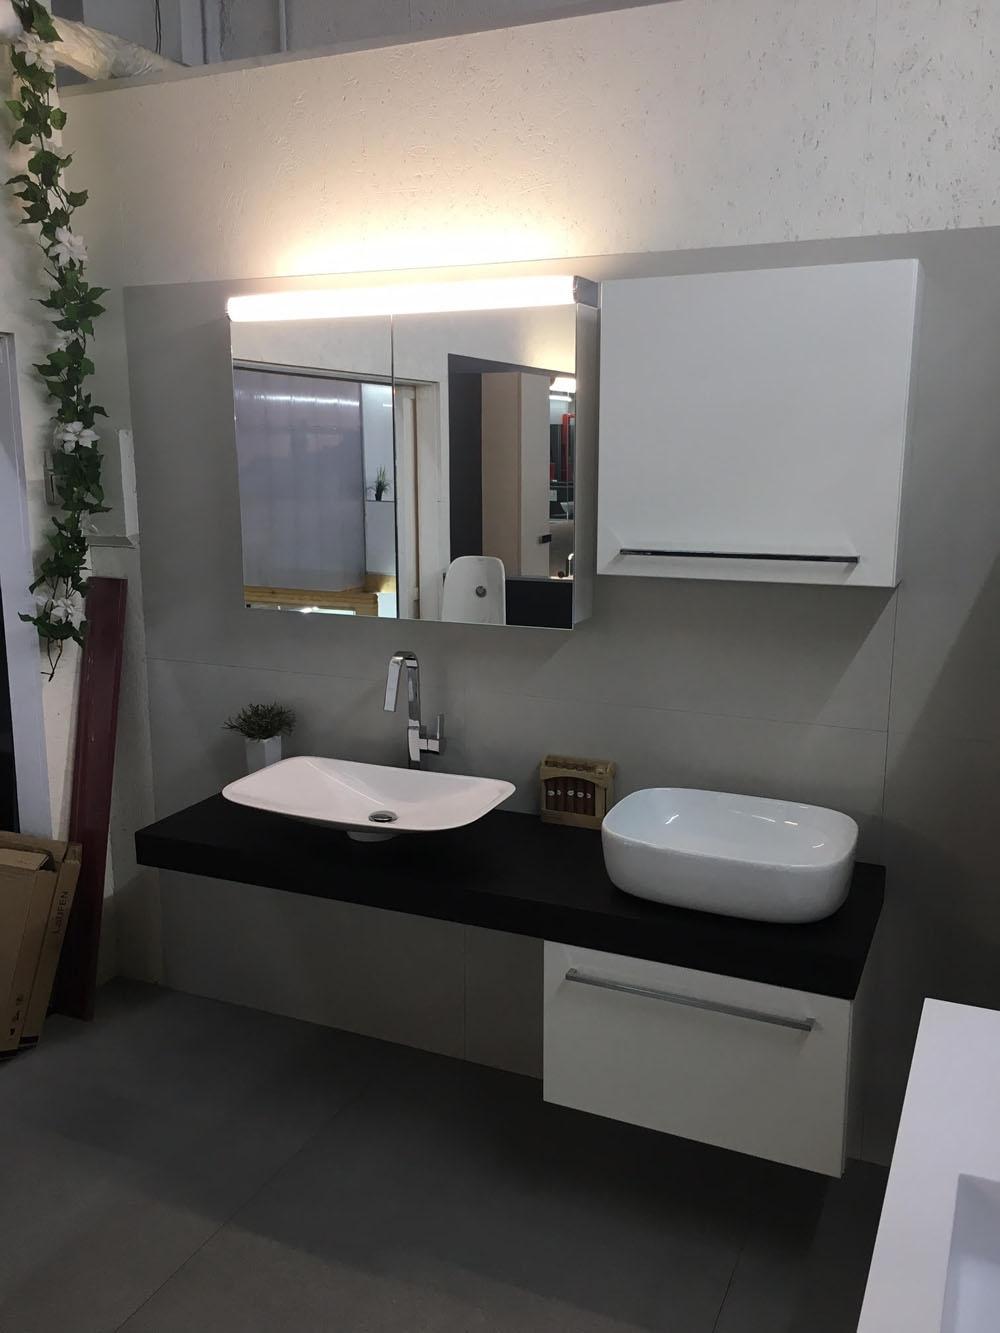 Mobile bagno moderno arteba scontato del 48 arredo for Mobile bagno moderno prezzi